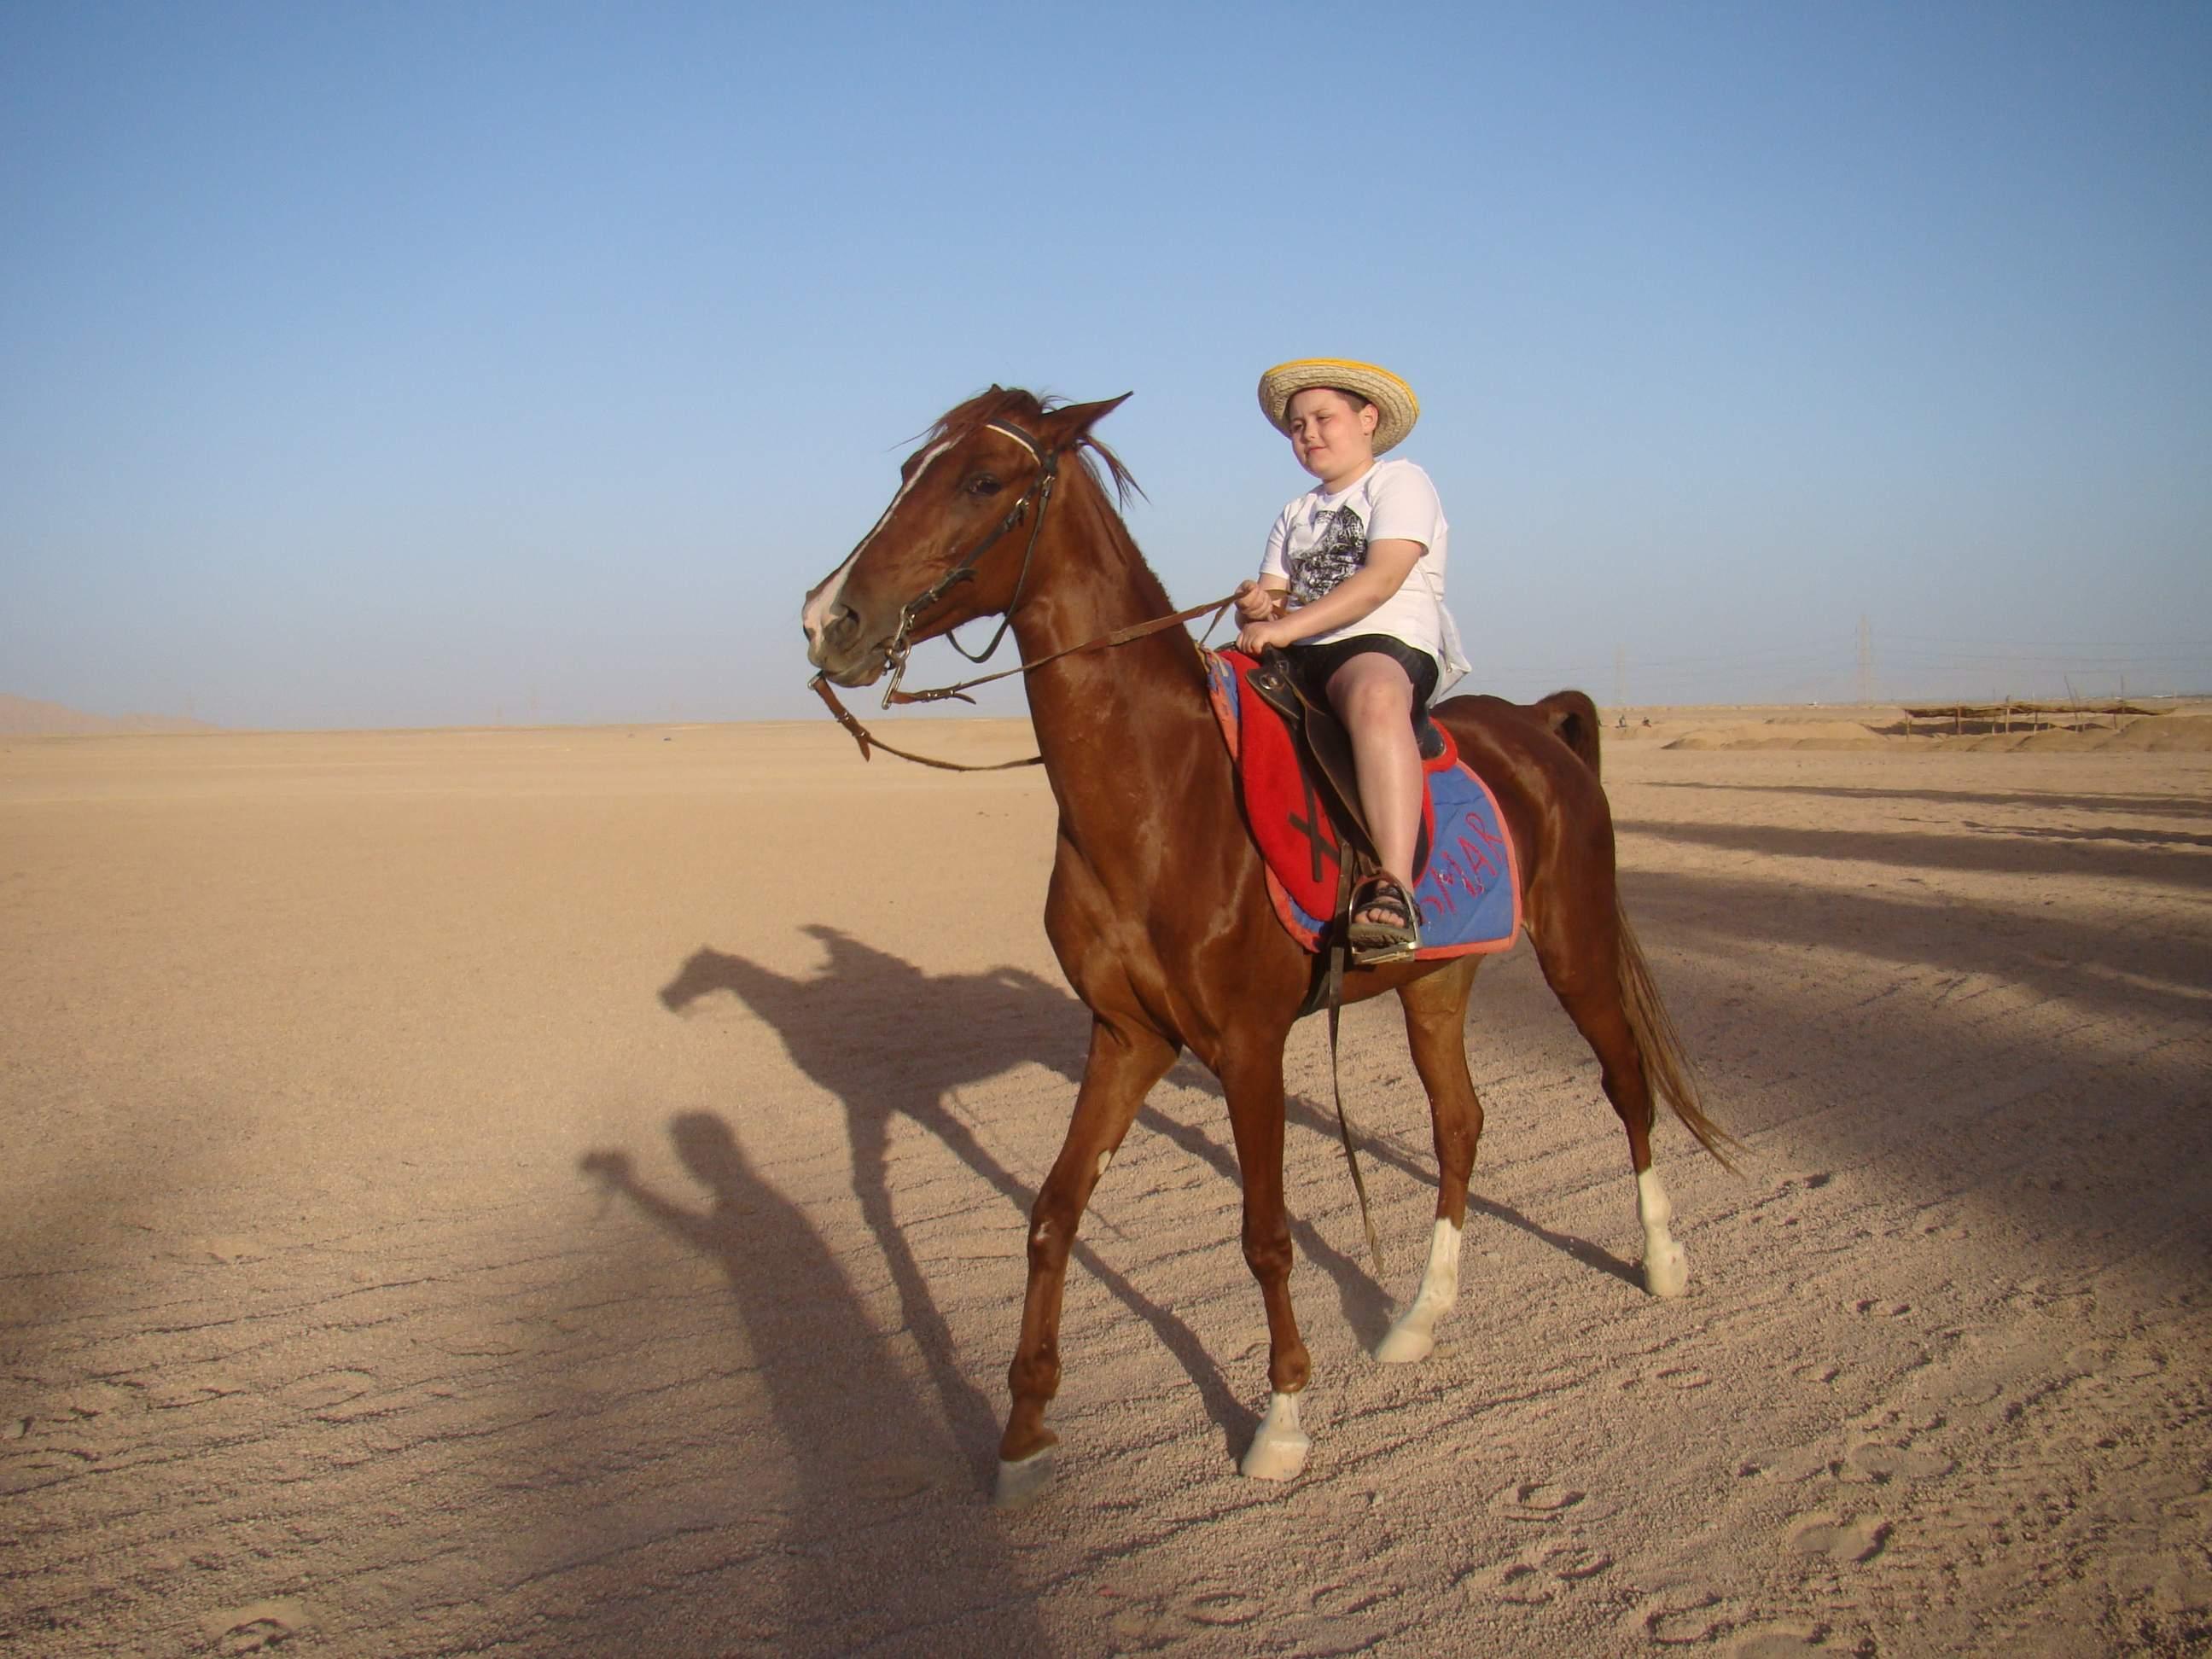 Pferde Reiten in El Gouna: Reiten am Strand oder in der Wüste